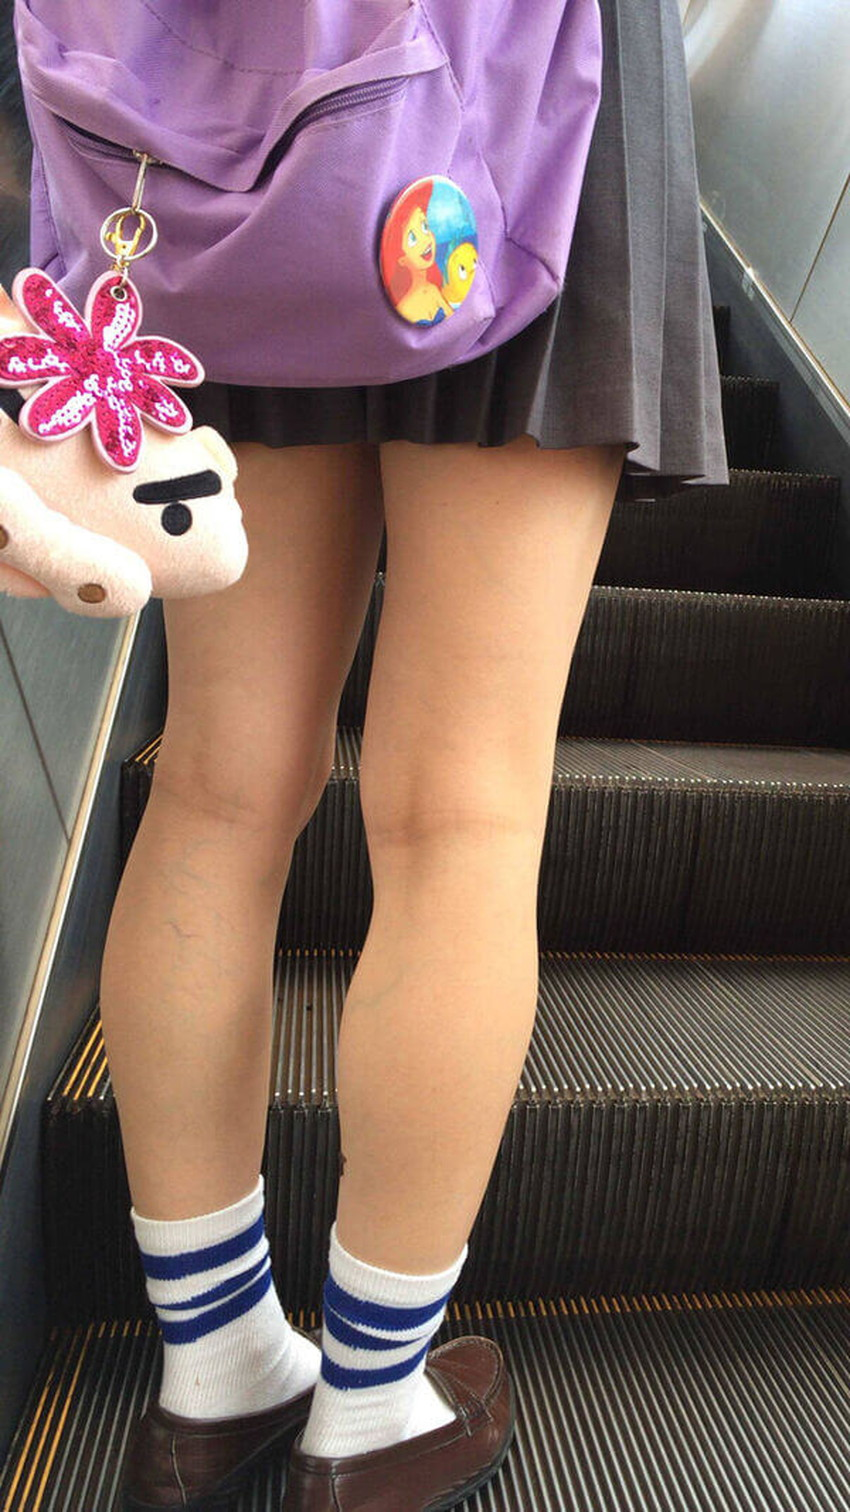 【生足エロ画像】ショーパンやミニスカの生足女子の美脚やパンチラ、ハミケツが最高過ぎる生足のエロ画像集!ww【80枚】 34